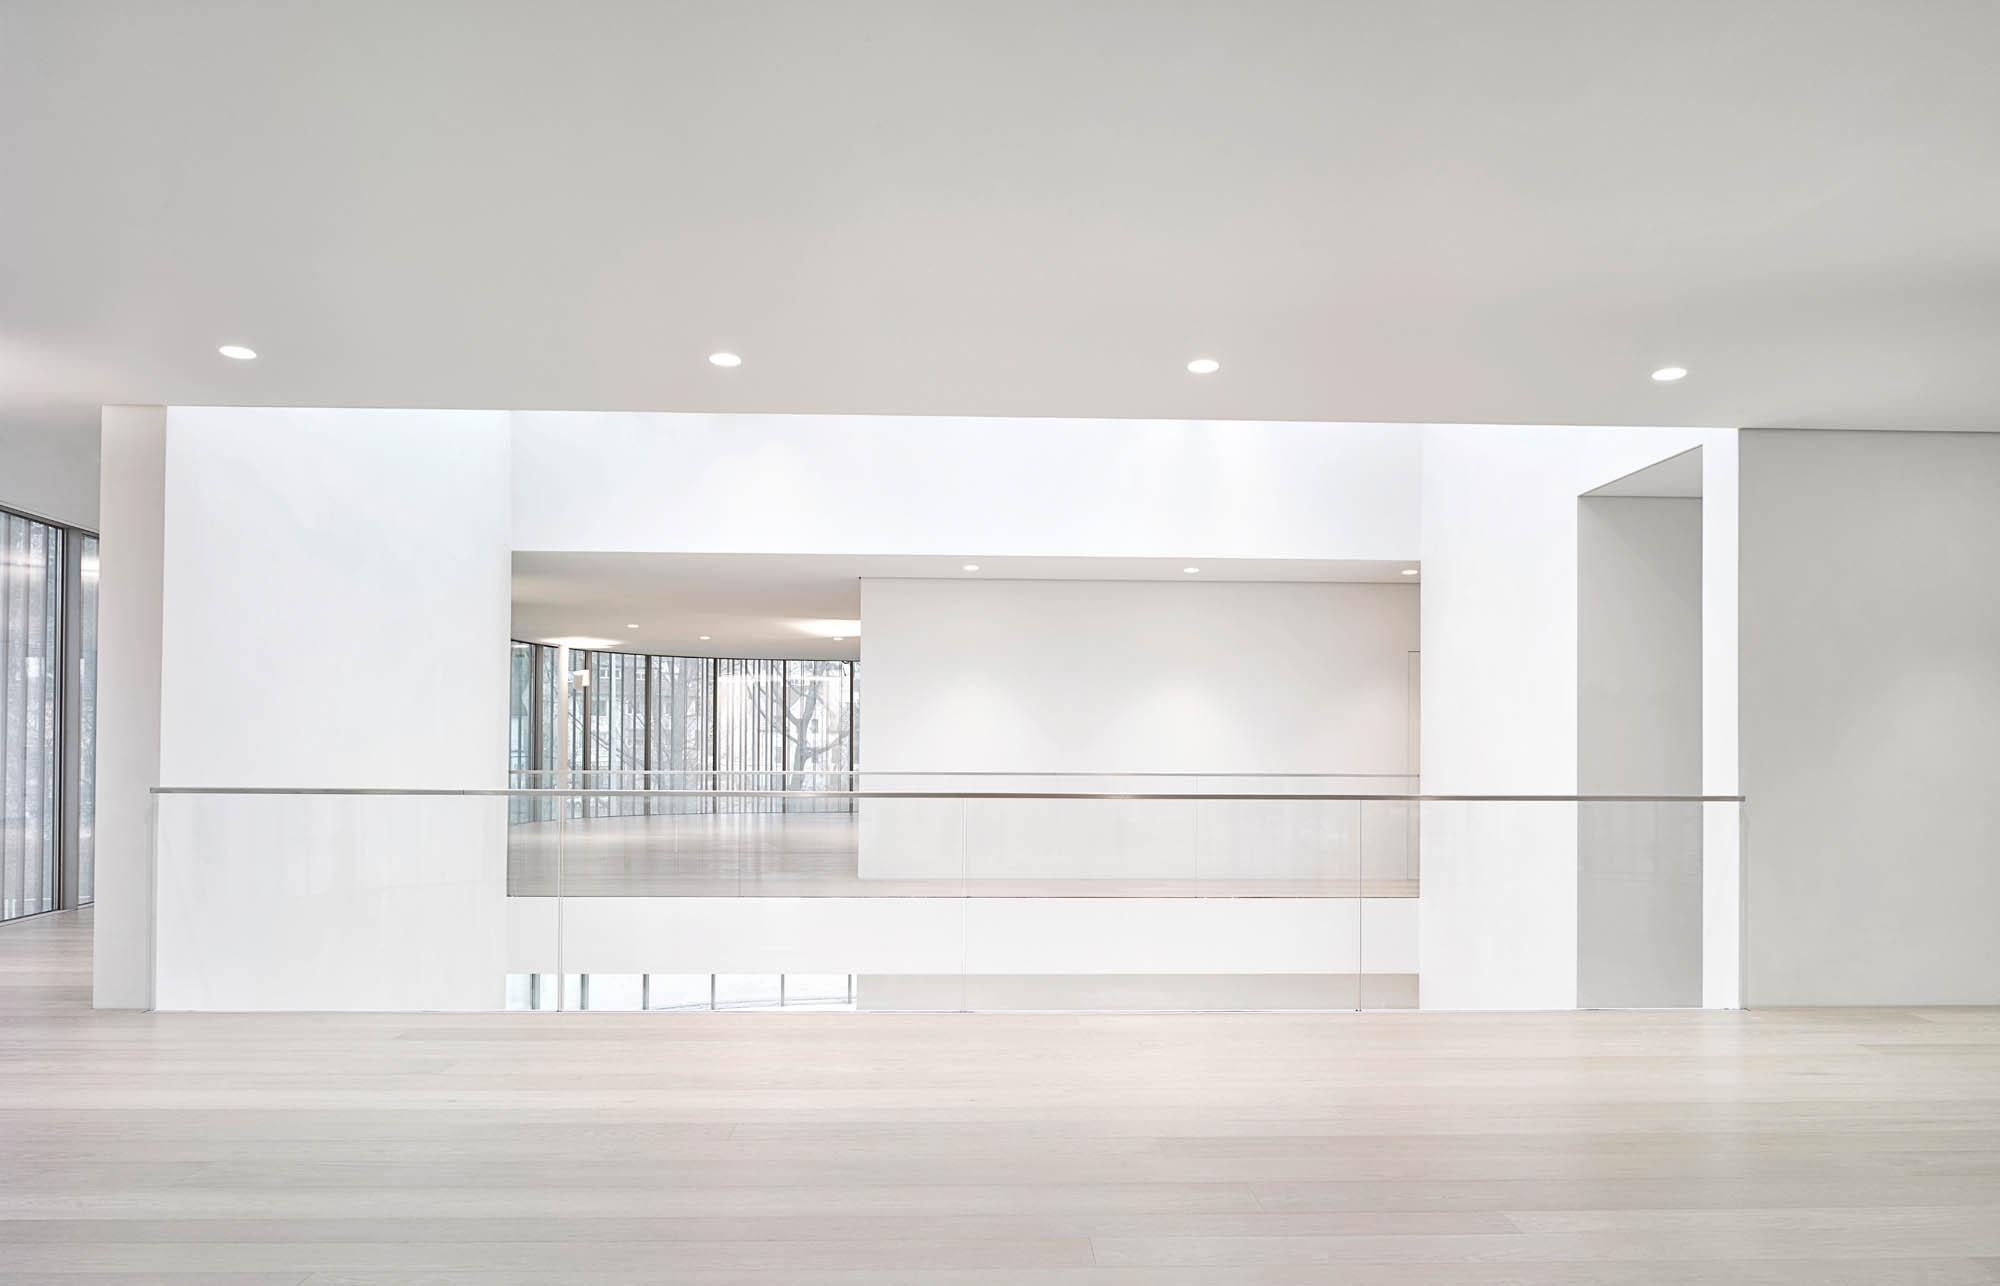 OPC 151129 0063 1 - Eva Mayr-Stihl Stiftung: Fotografie des neuen Verwaltungsgebäudes